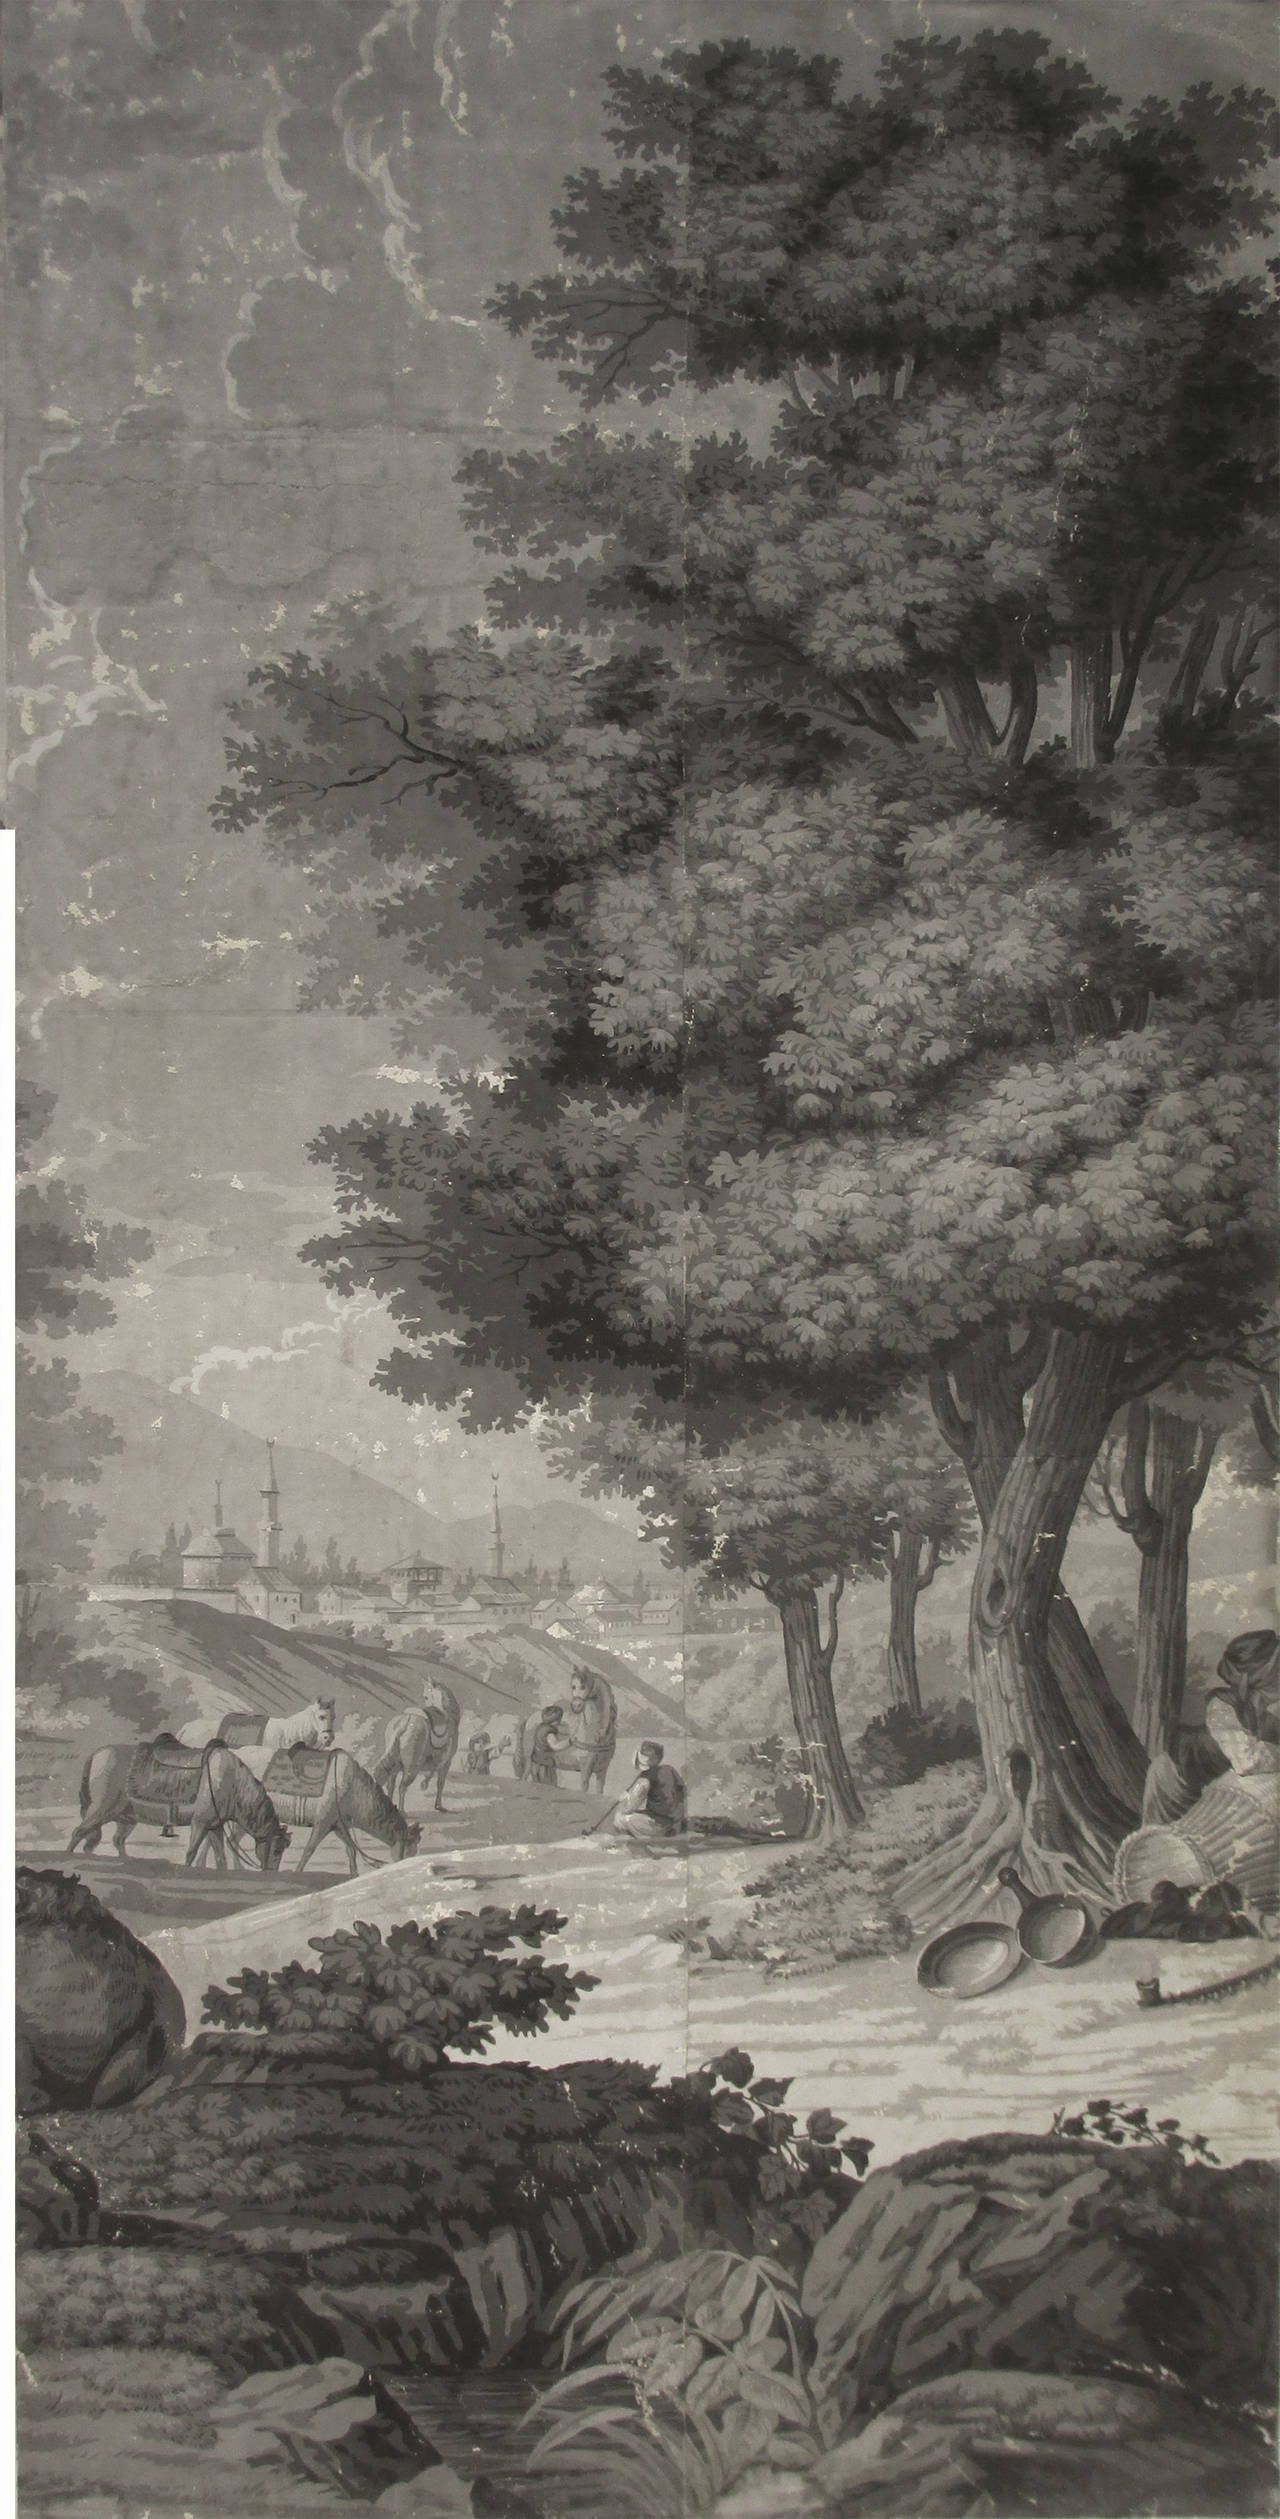 21 Wallpaper Panels By Joseph Dufour Et Cie After Comte De Choiseul Gouffier Landscape Wallpaper Scenic Wallpaper Vintage Landscape